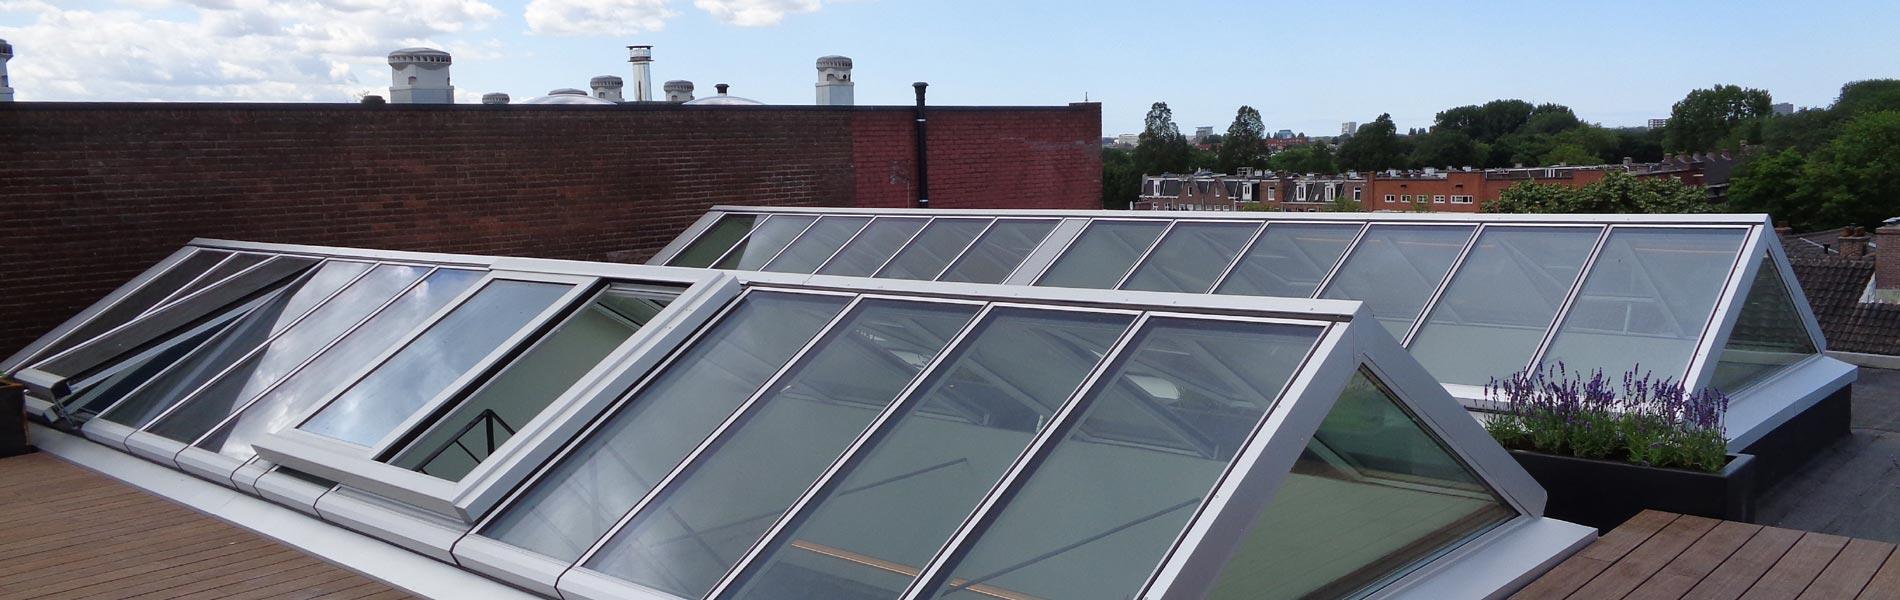 Zwei Satteldächer auf einer Dachterasse